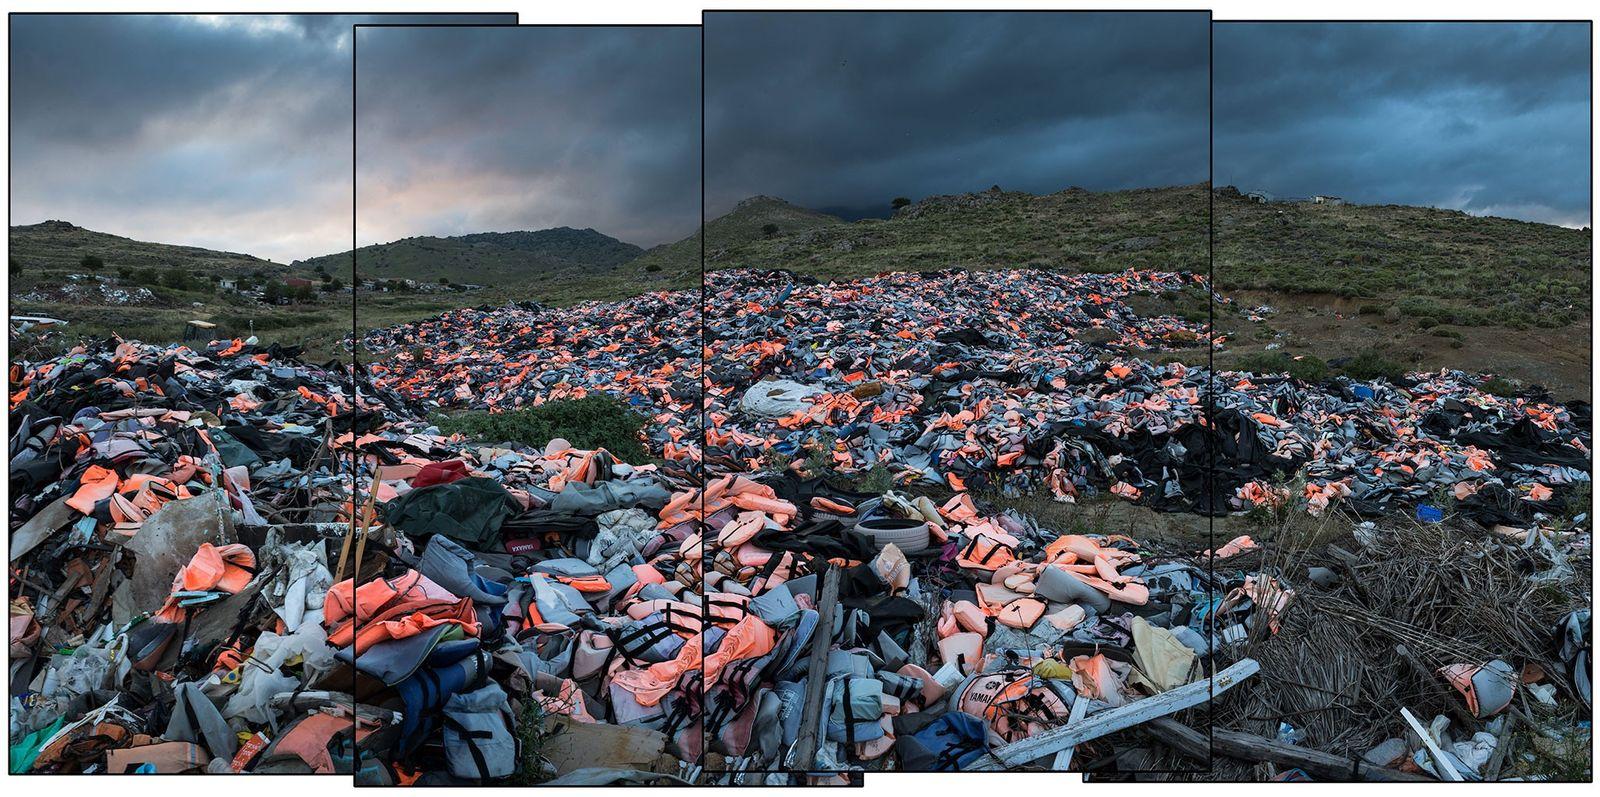 Des milliers de gilets de sauvetage de migrants s'entassent dans une décharge de l'île de Lesbos, ...